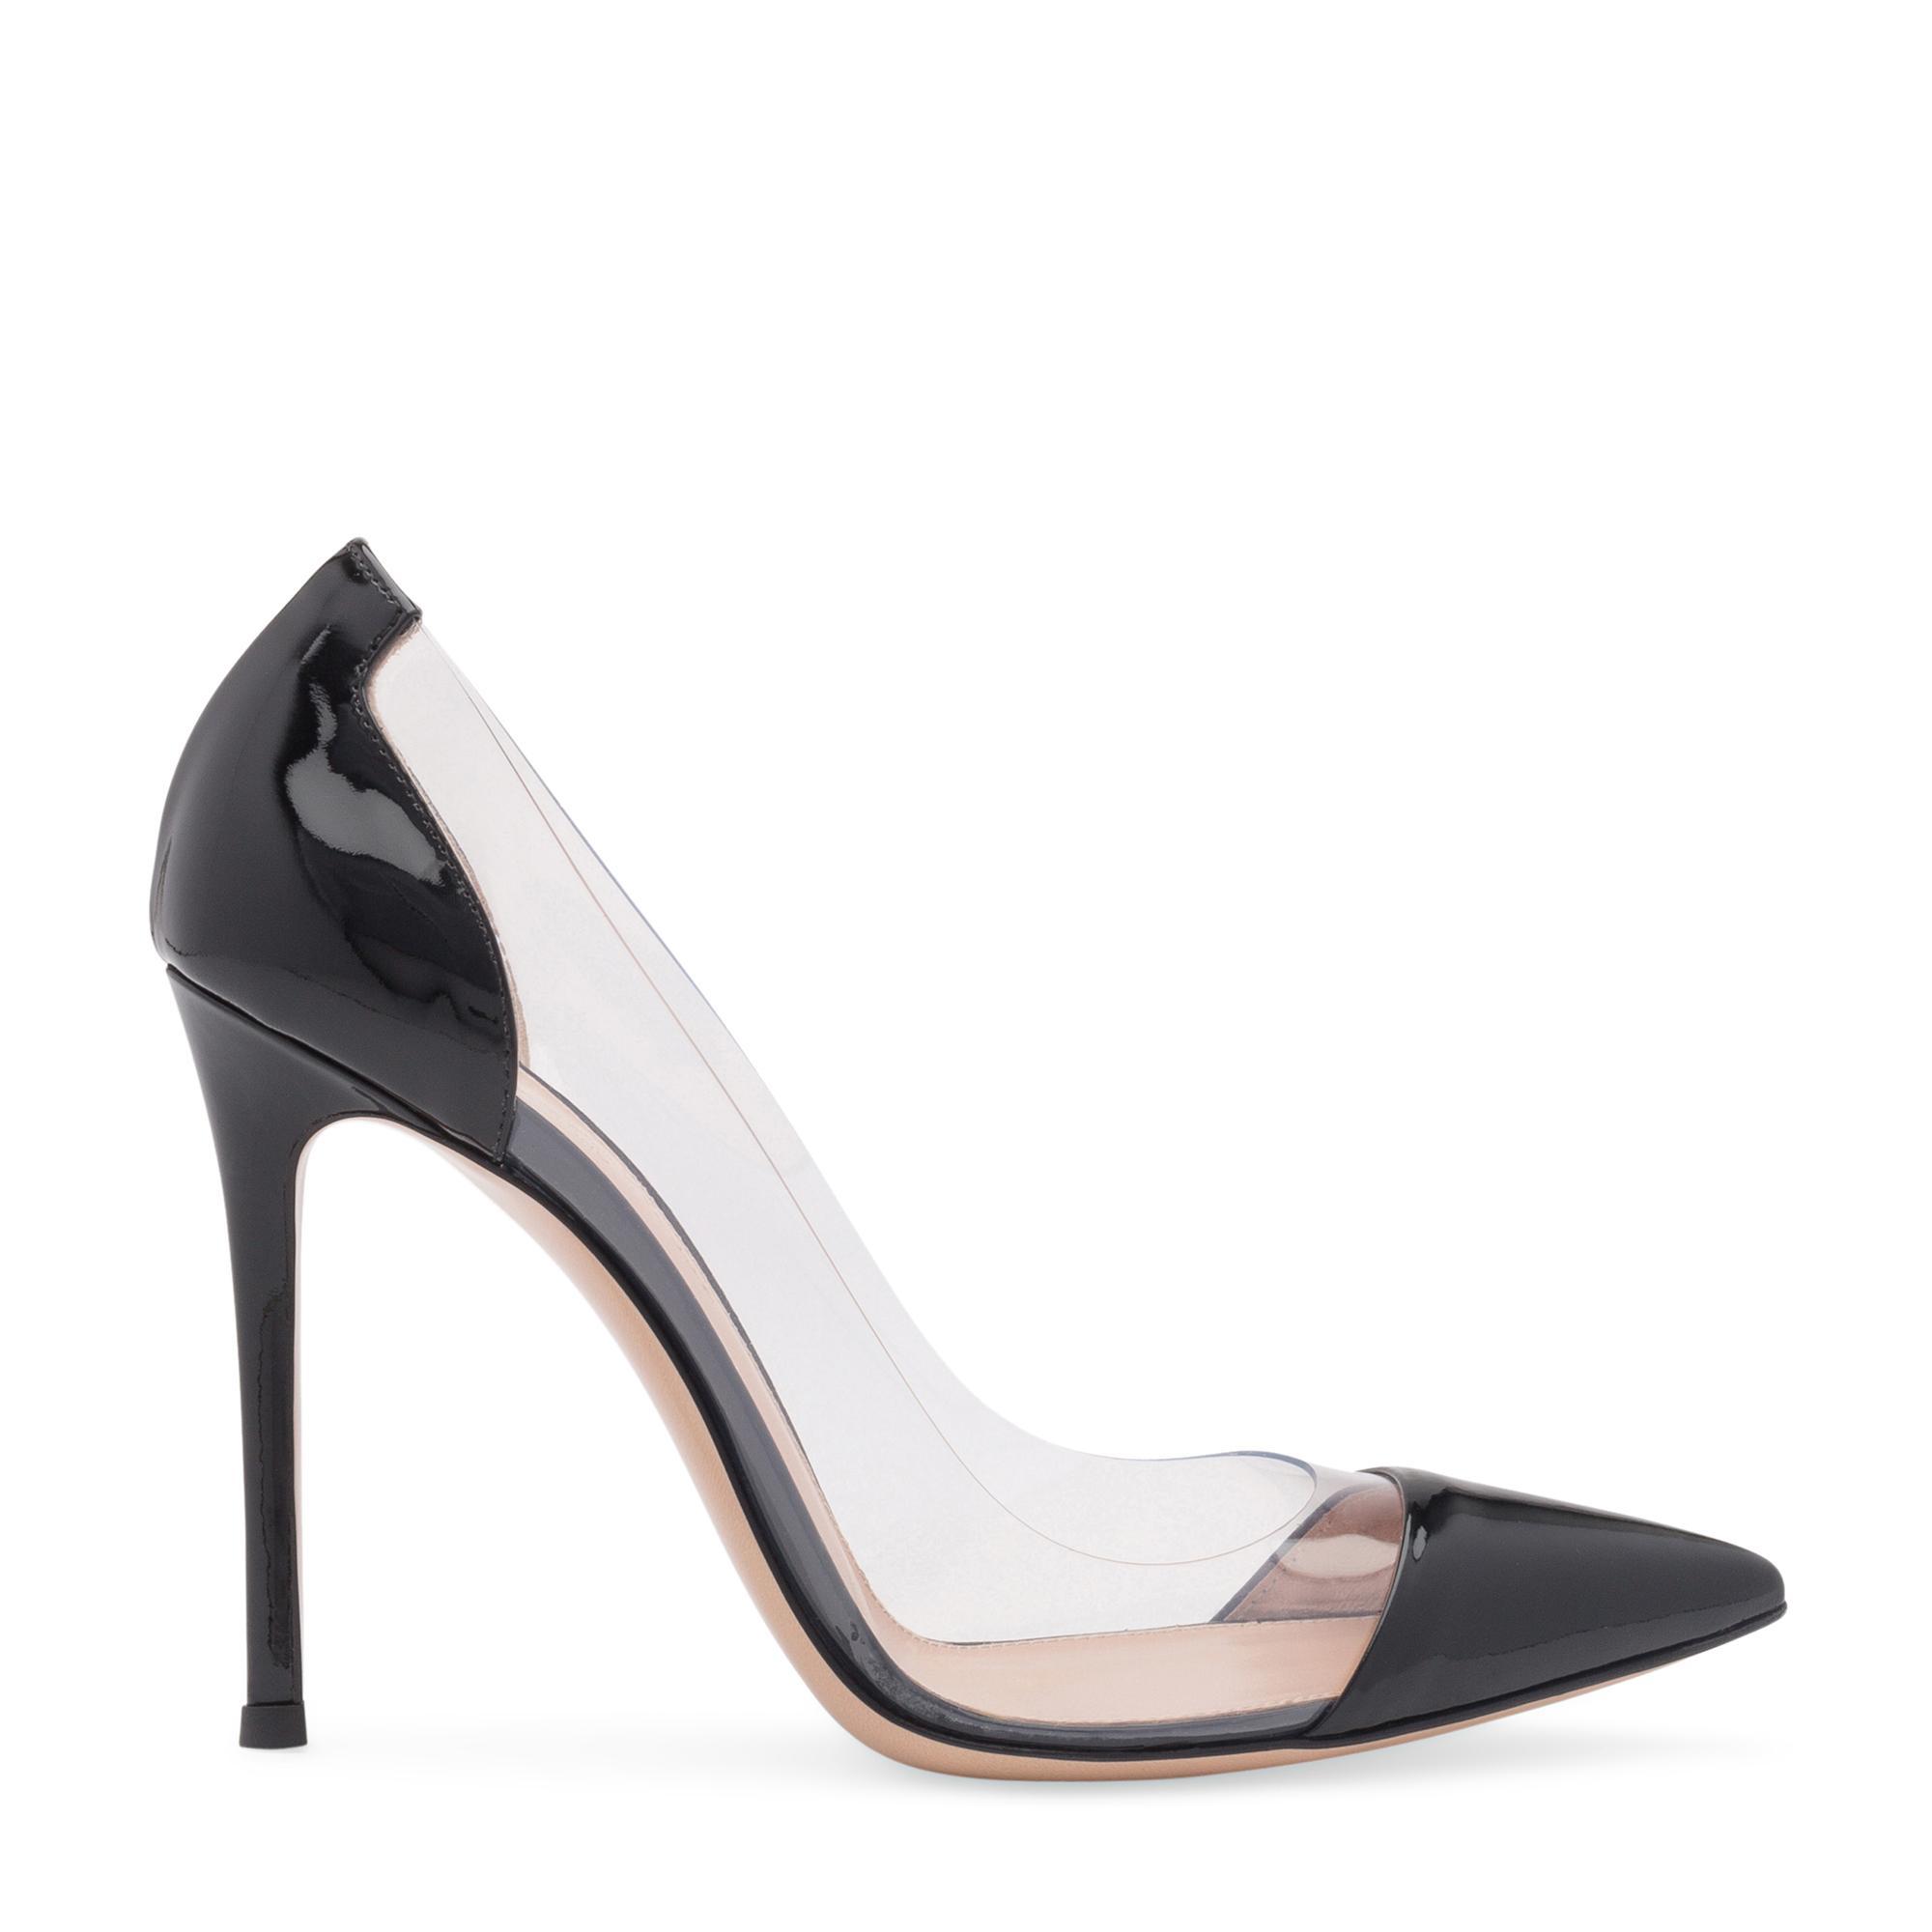 حذاء من البلاستيك الشفاف والجلد الصناعي اللمّاع